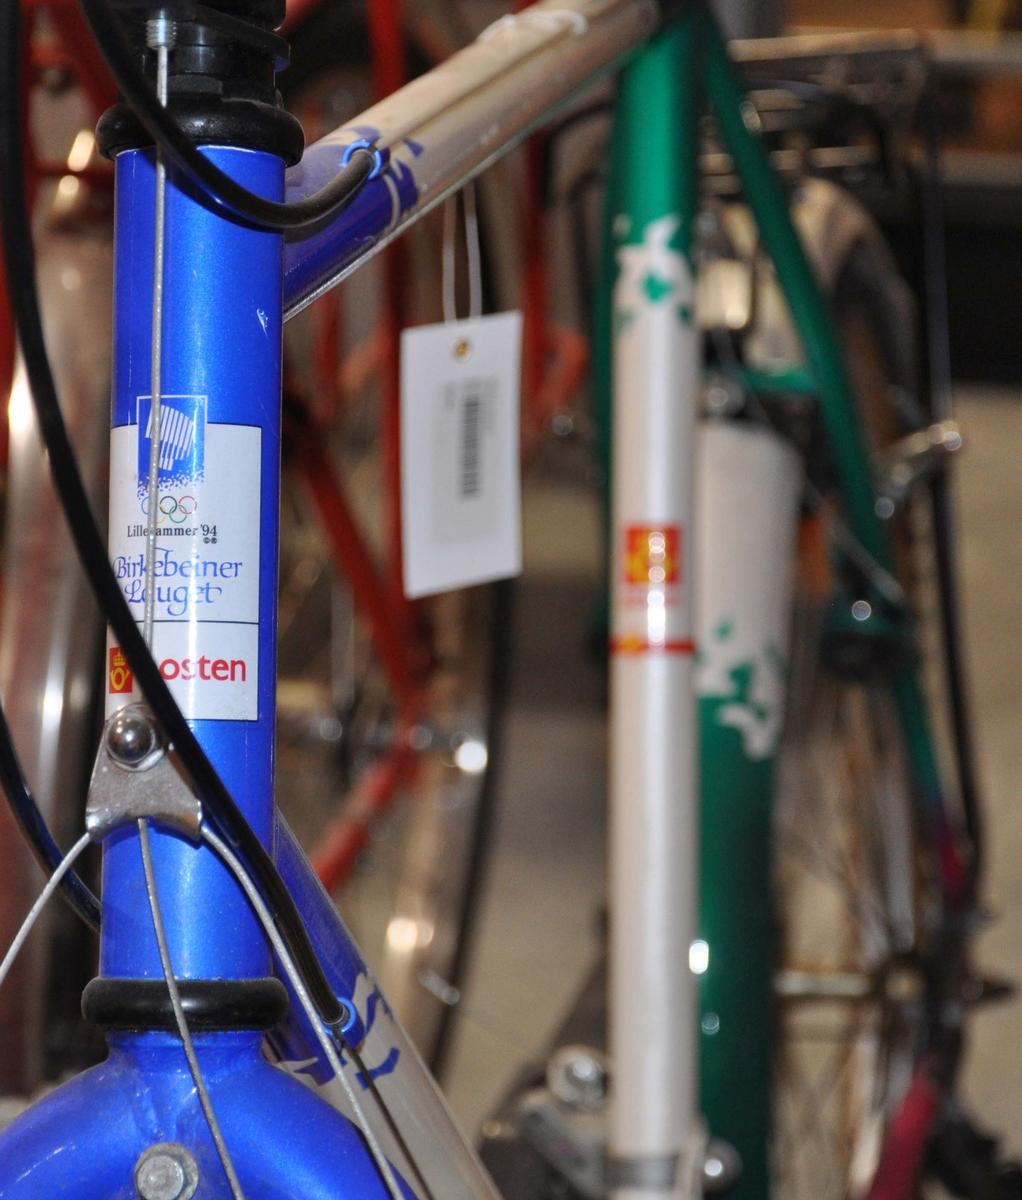 OL-sykkel. Sykkelen er hvit med blå og grønne mønstre fra OL 94.